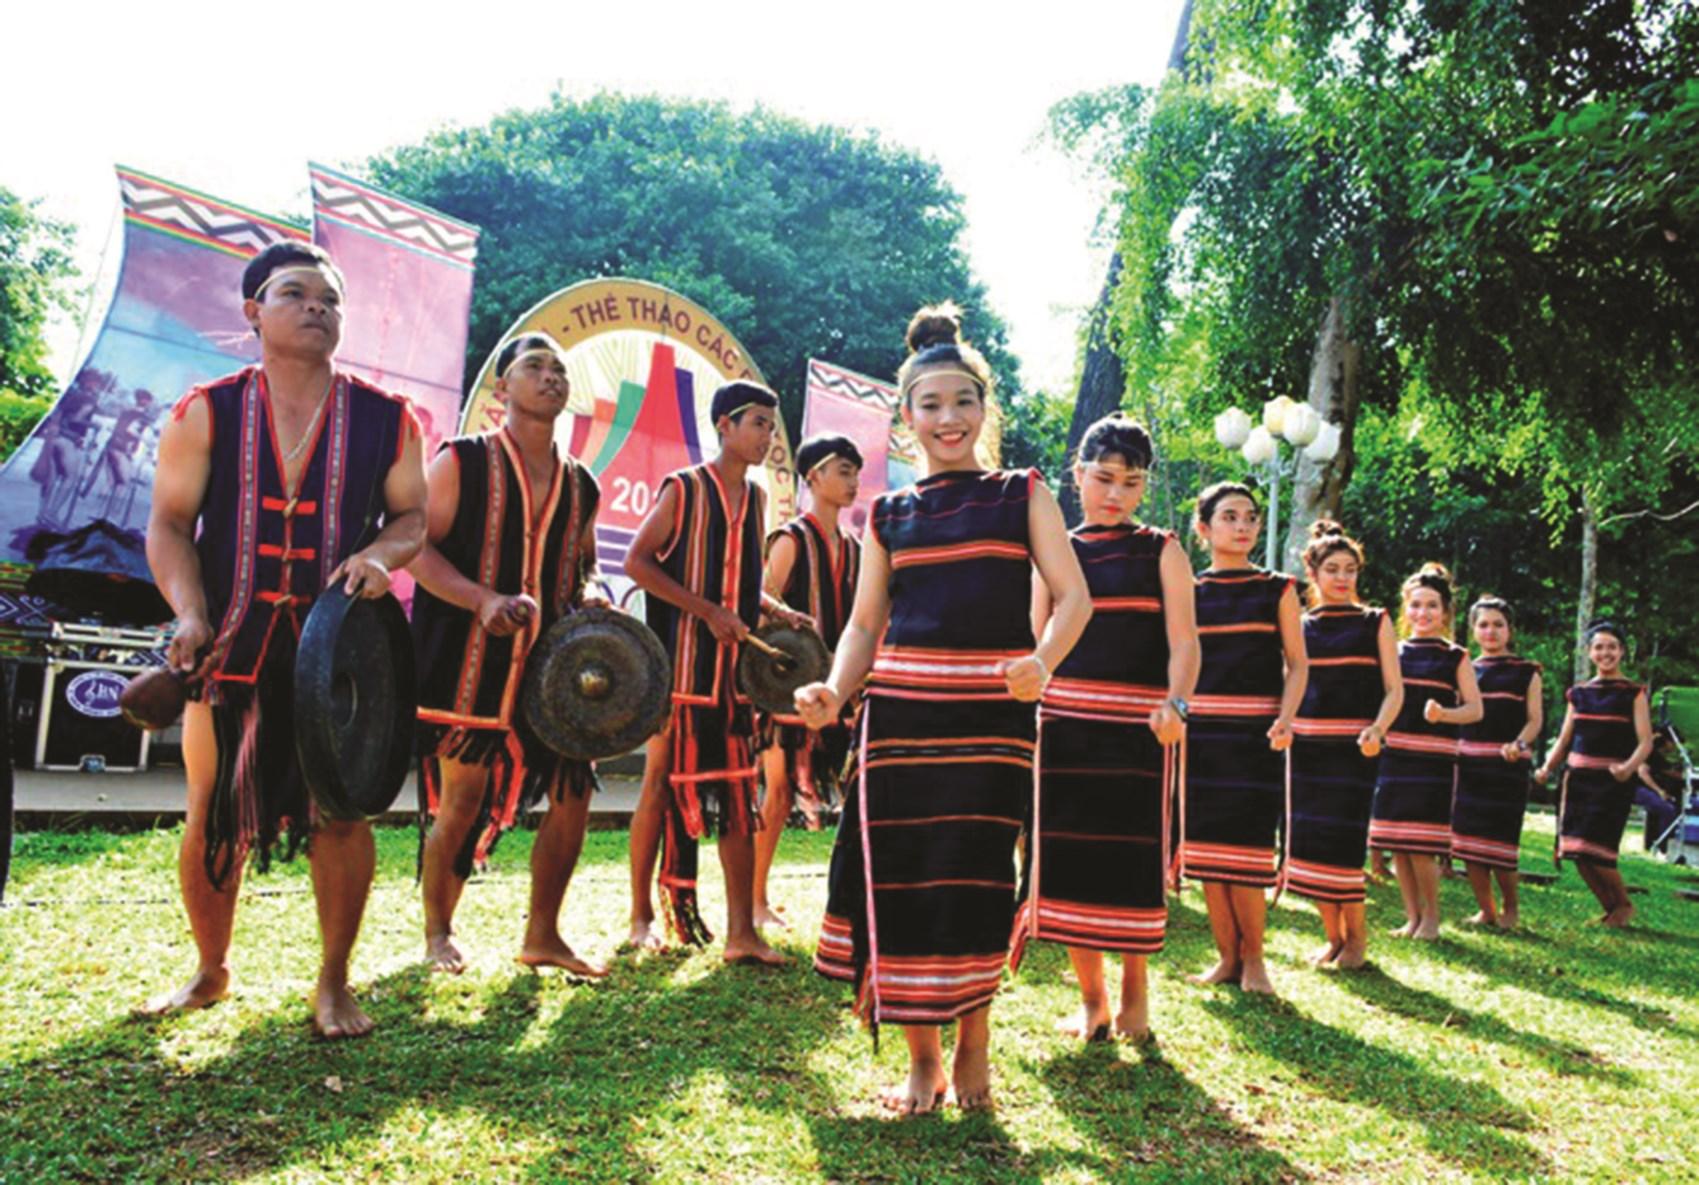 Trình diễn điệu tiếng chiêng, điệu xoang trong lễ hội cơm mới của người Jrai